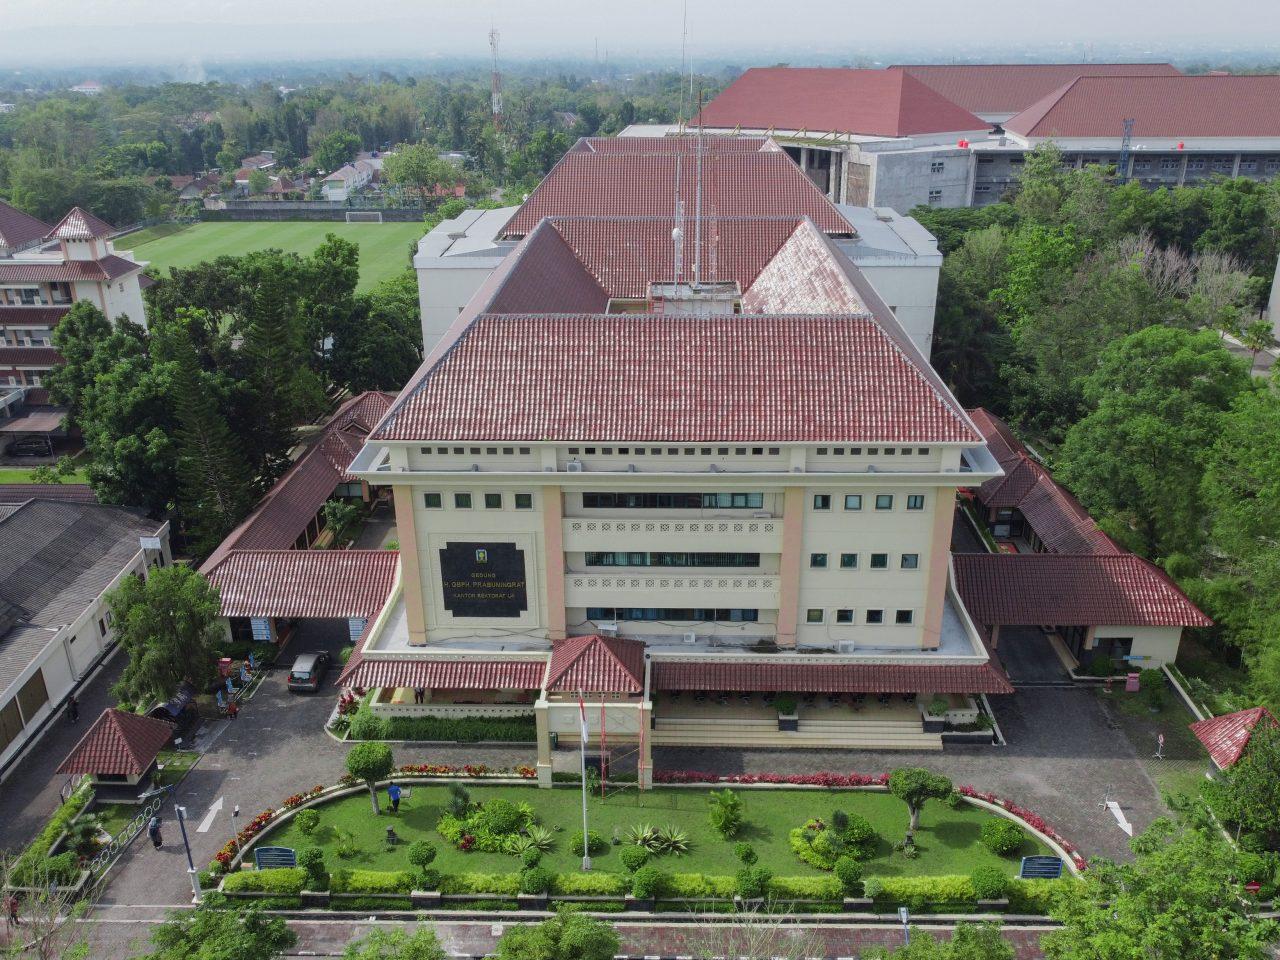 """Gedung GBPH Prabuningrat (Kantor Rektorat UII) merupakan kantor rektor beserta jajaran pimpinan tinggi di tingkat universitas, pemberian nama gedung ini untuk mengingat dan menghargai tokoh-tokoh yang membesarkan UII  Website: https://www.uii.ac.id/ Telepon: +62 274 898444 Faks: +62 274 898459 Email: info[at]uii.ac.id"""""""